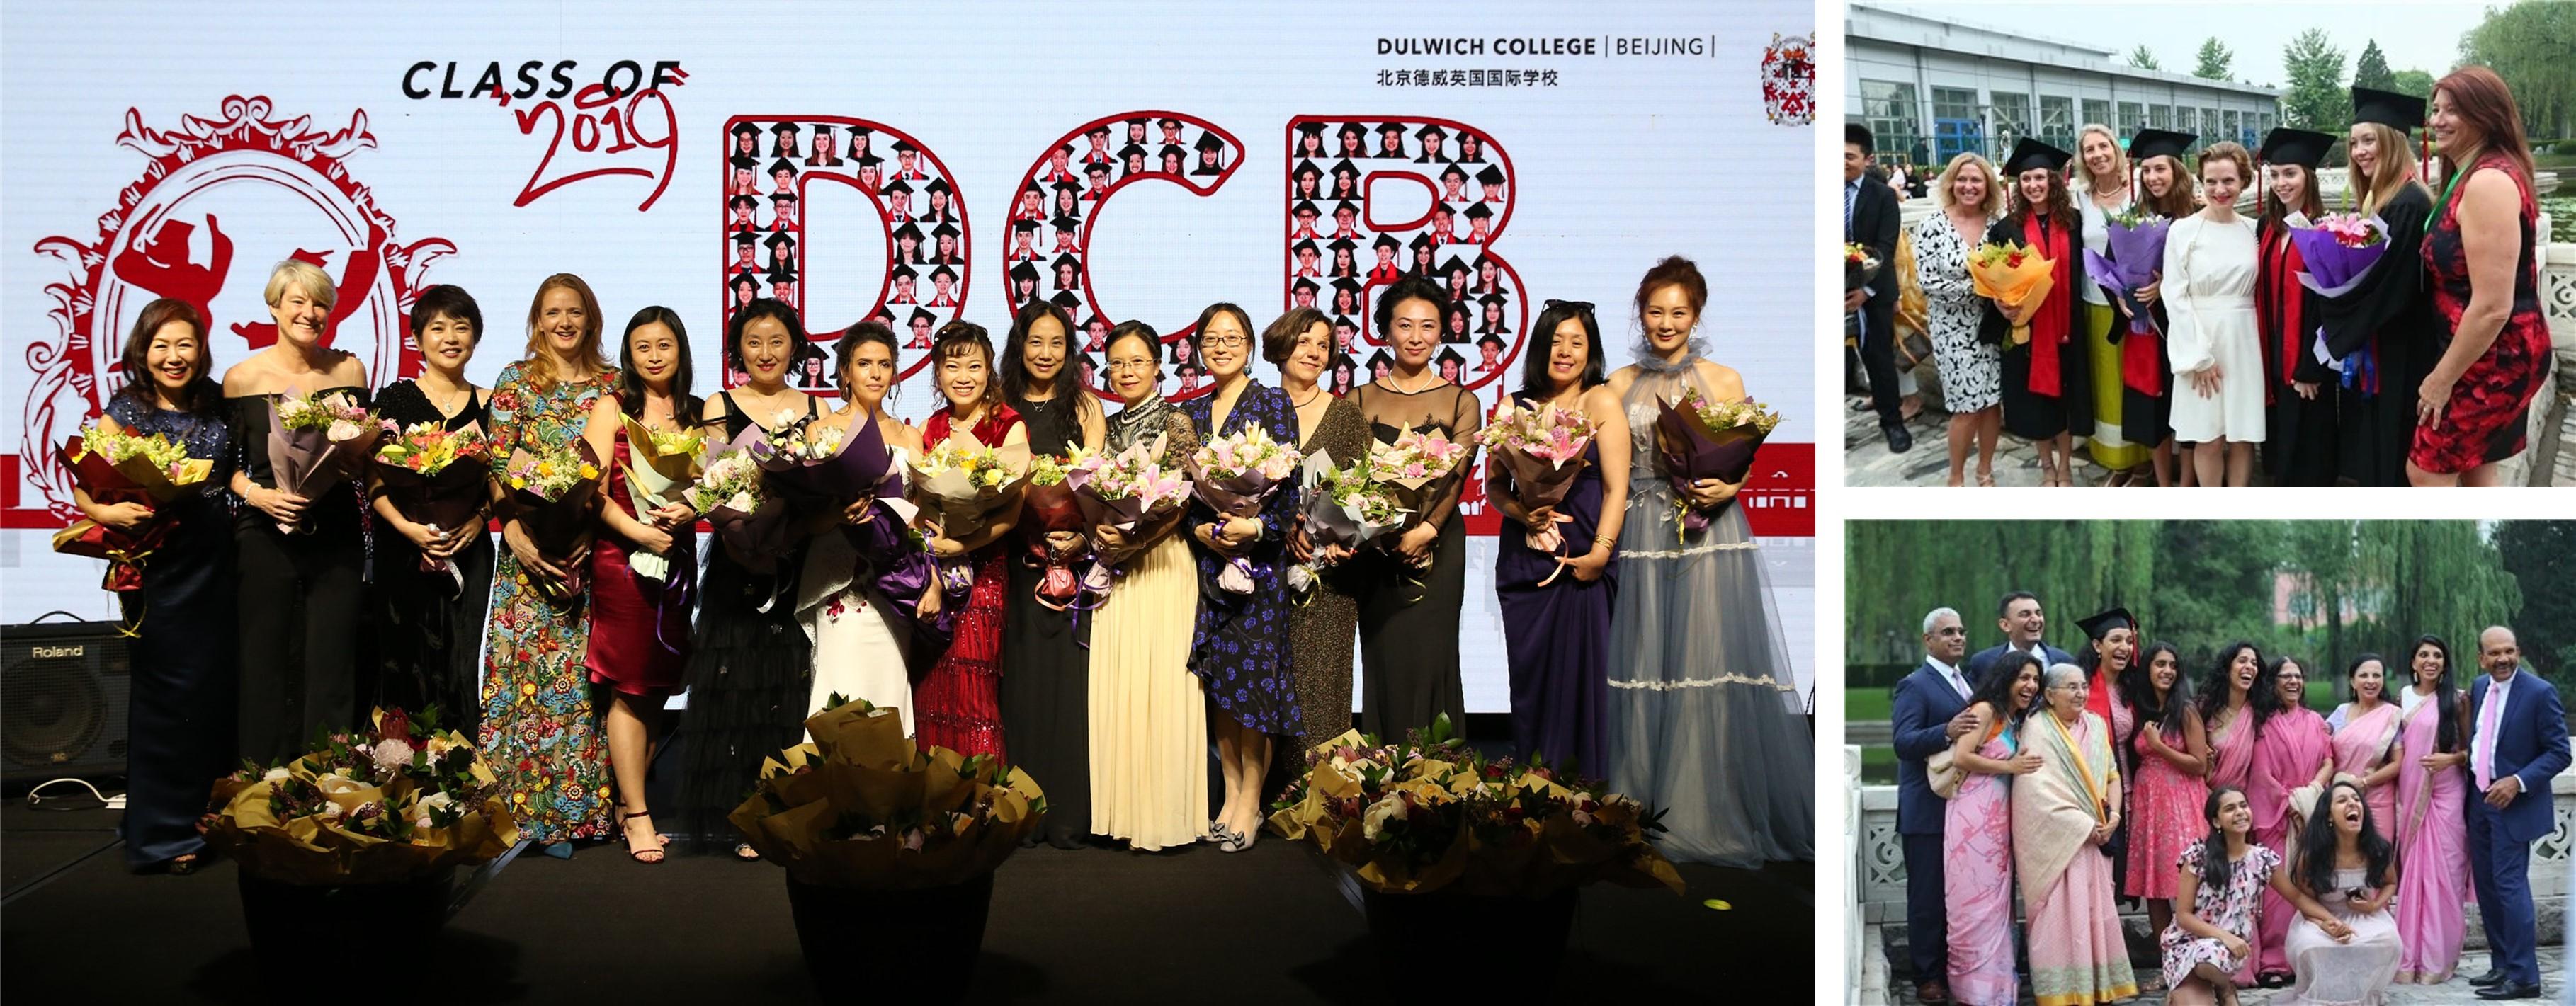 dcb-parents-北京德威英国国际学校-20200811-134601-510